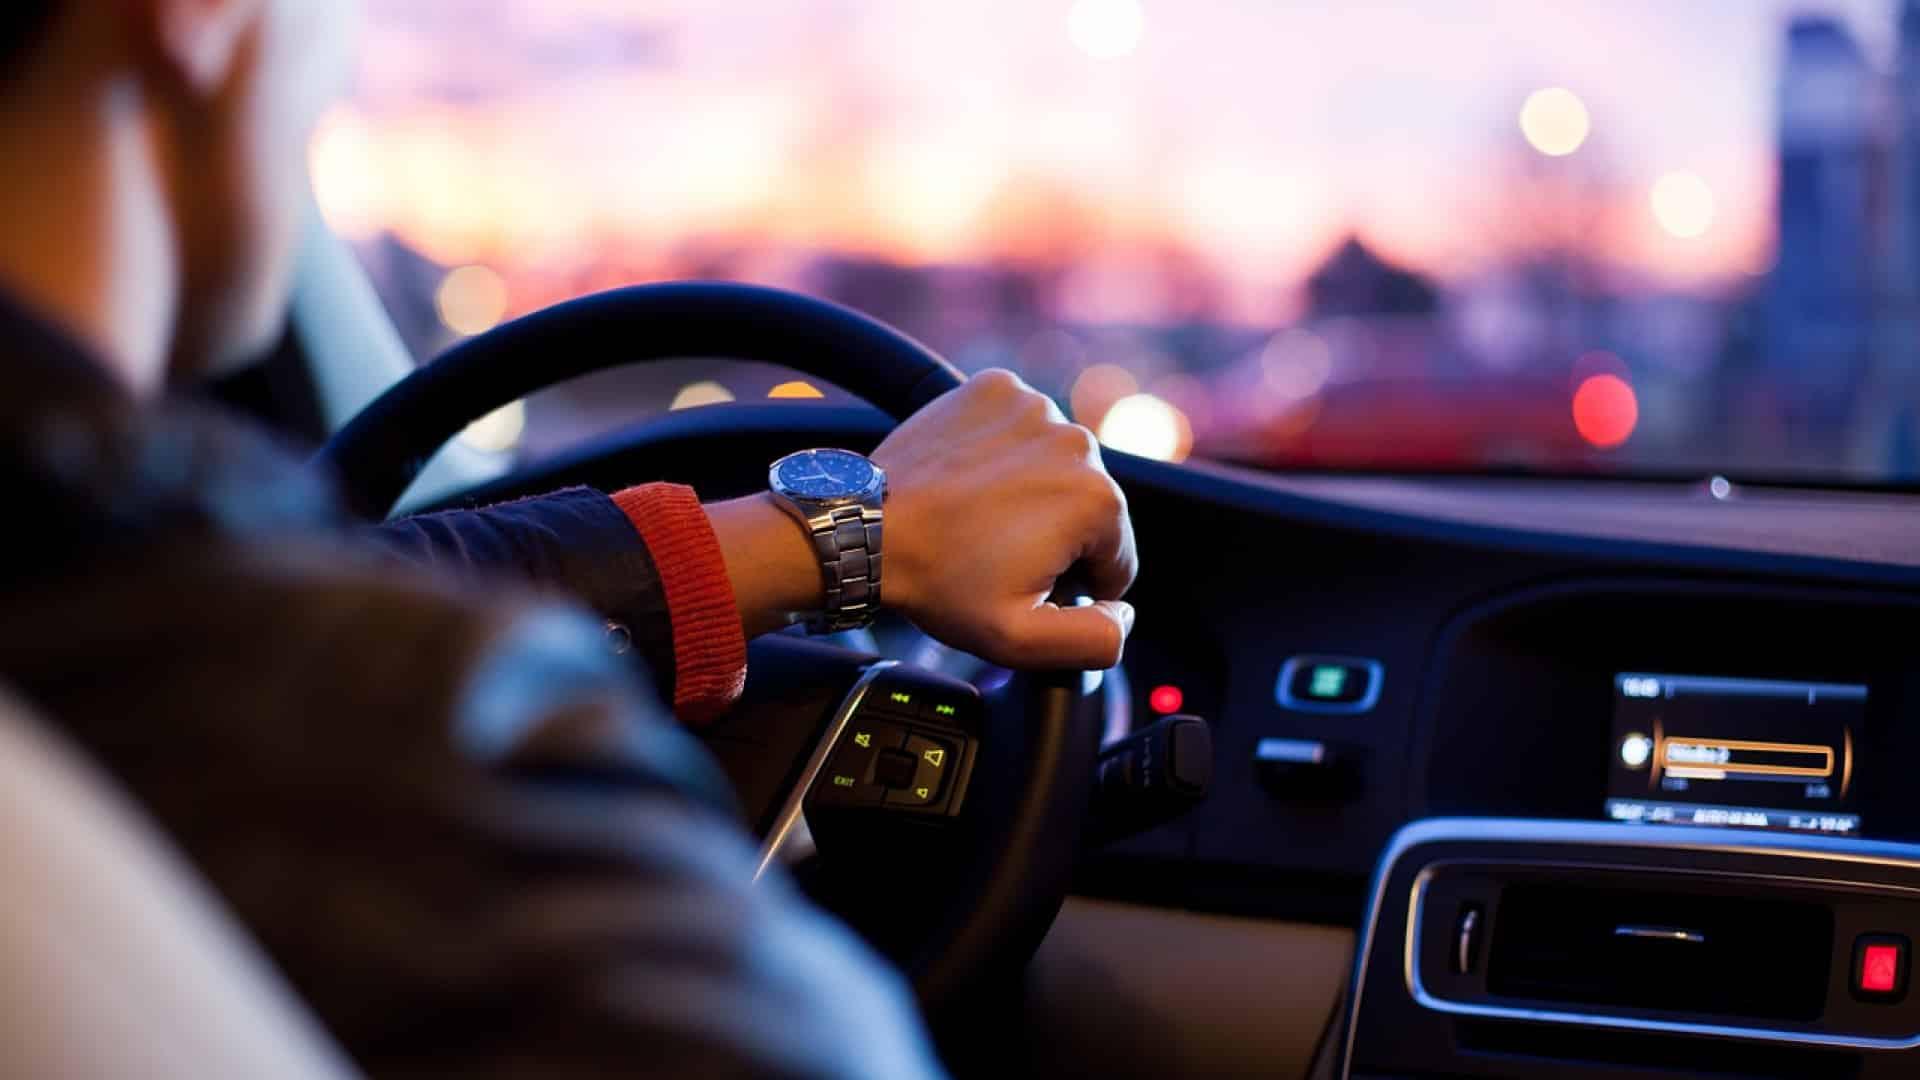 Comment acheter une voiture neuve moins chère grâce à un mandataire auto ?